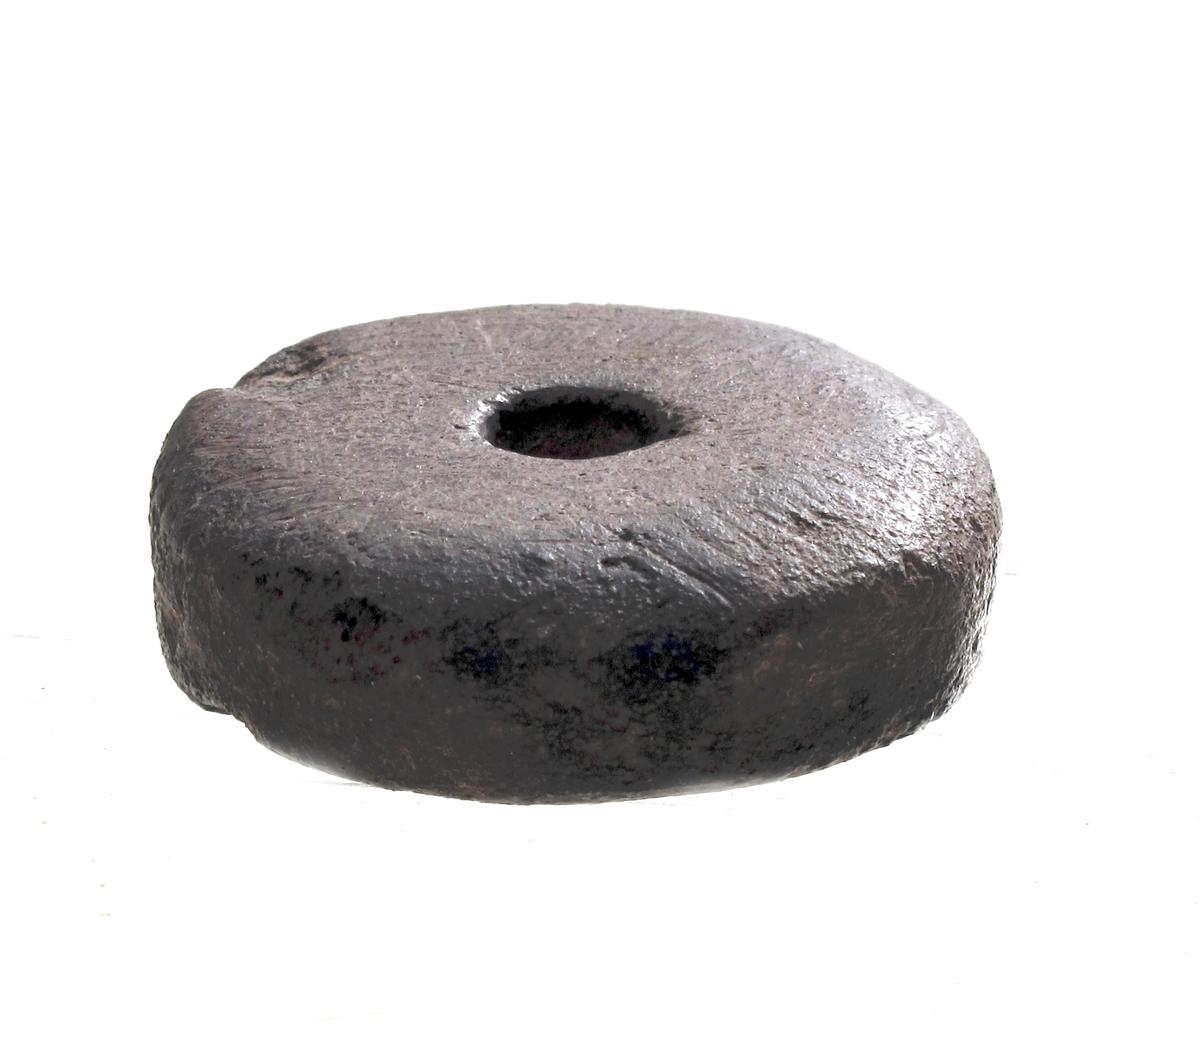 Flatt, sylindrisk spinnehjul av mørk brunlig sandstein, av typen [Rygh fig.434]R. 434.